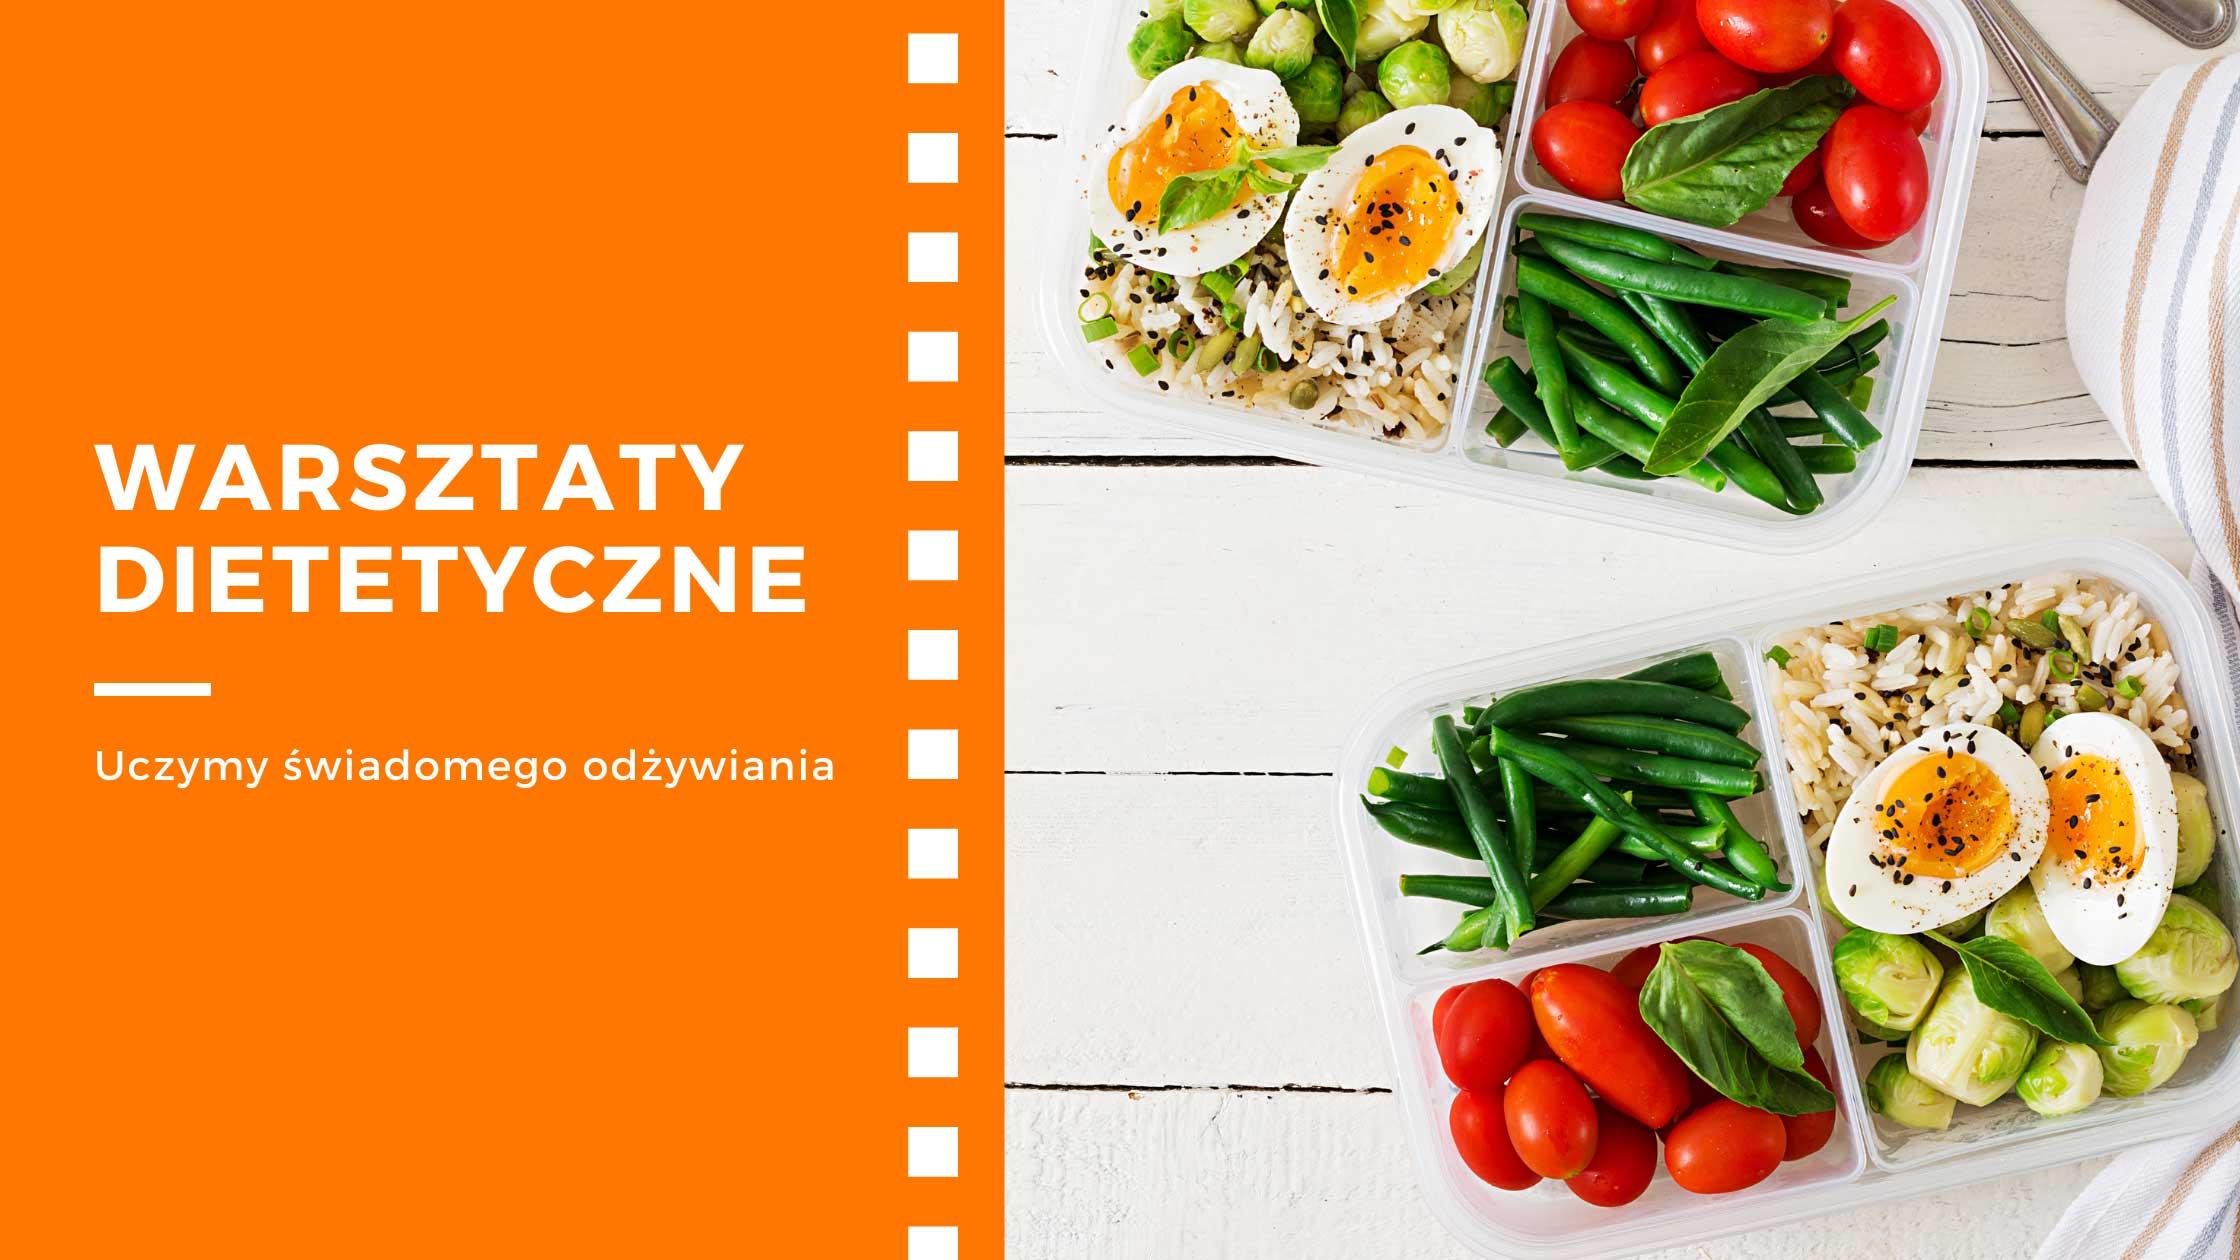 warsztaty-dietetyczne online